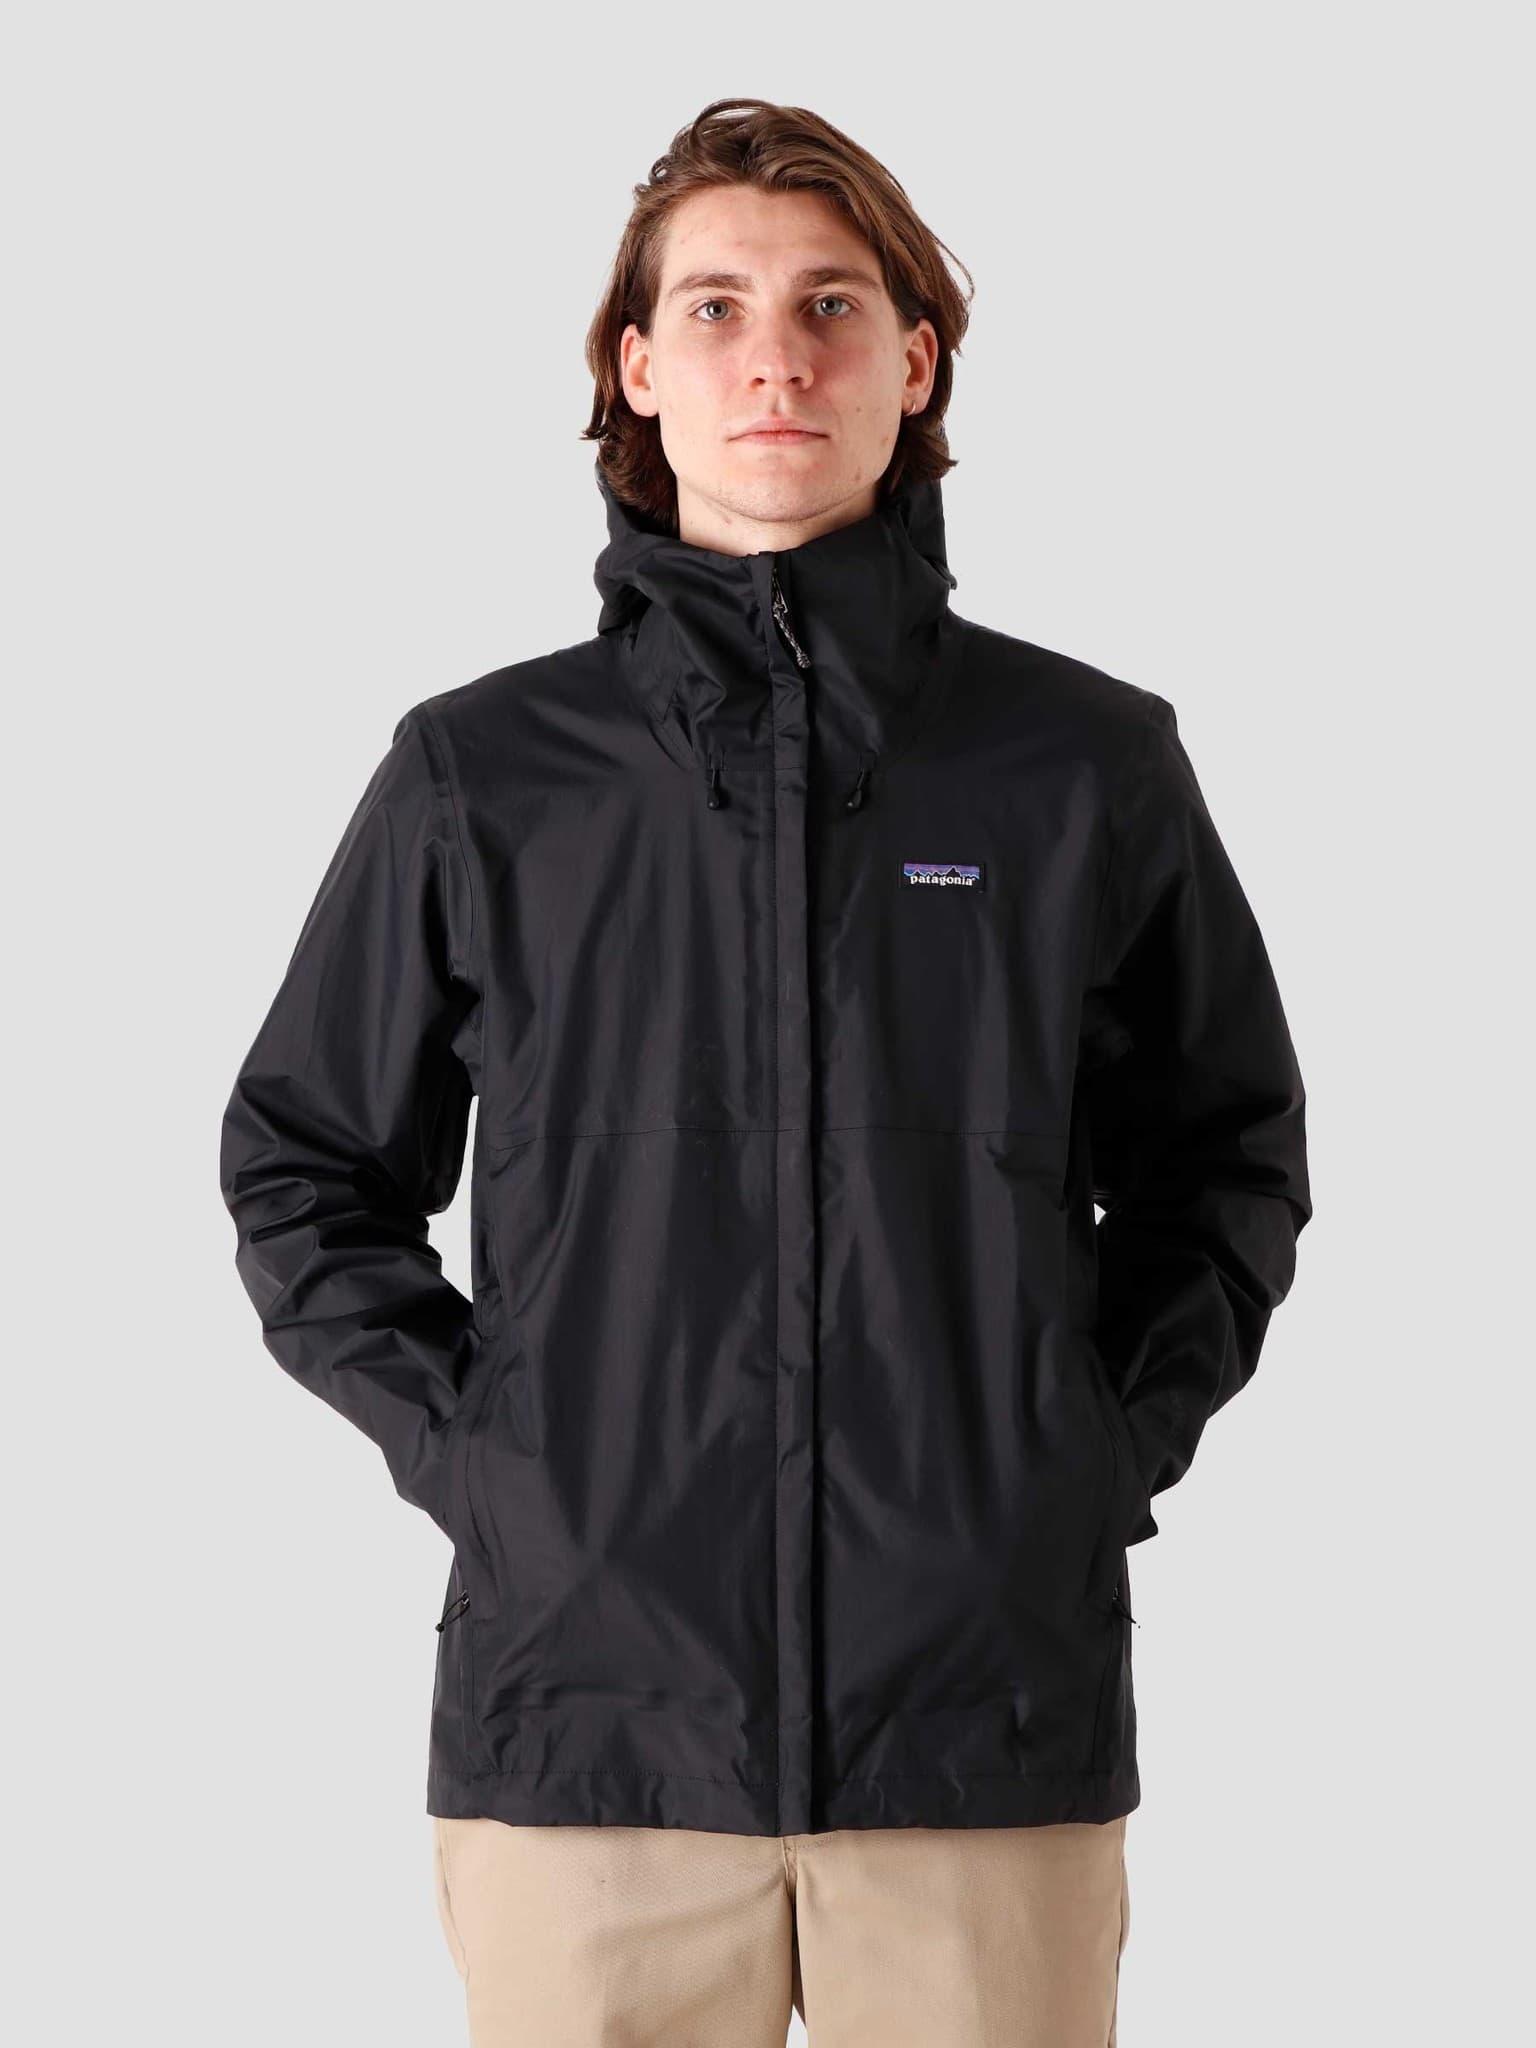 M's Torrentshell 3L Jacket Black 85240